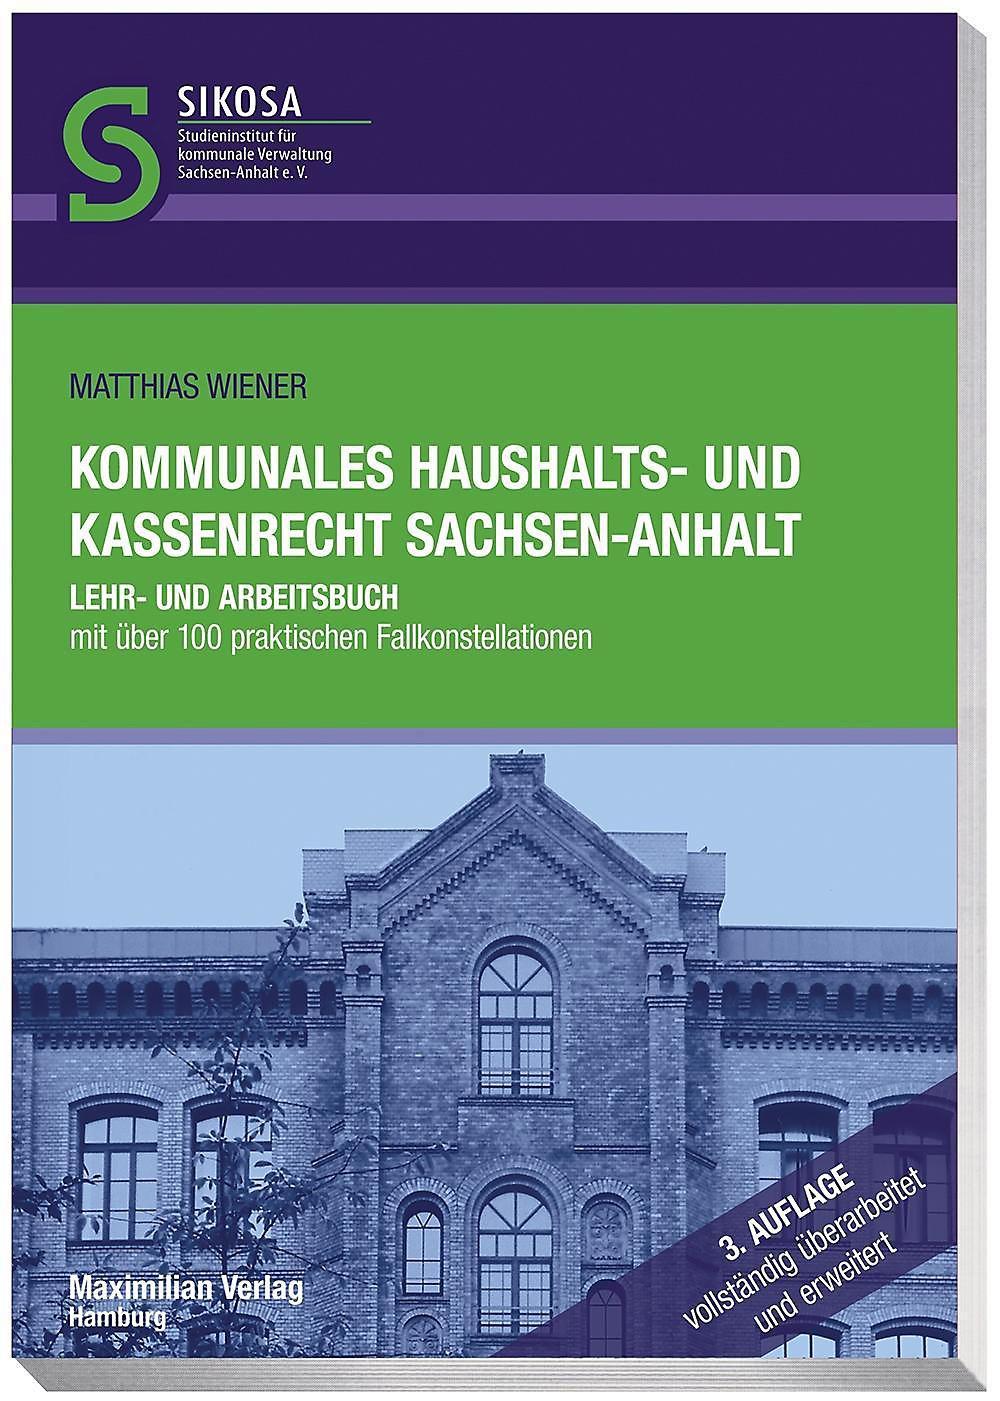 Kommunales Haushalts Und Kassenrecht Sachsen Anhalt Buch